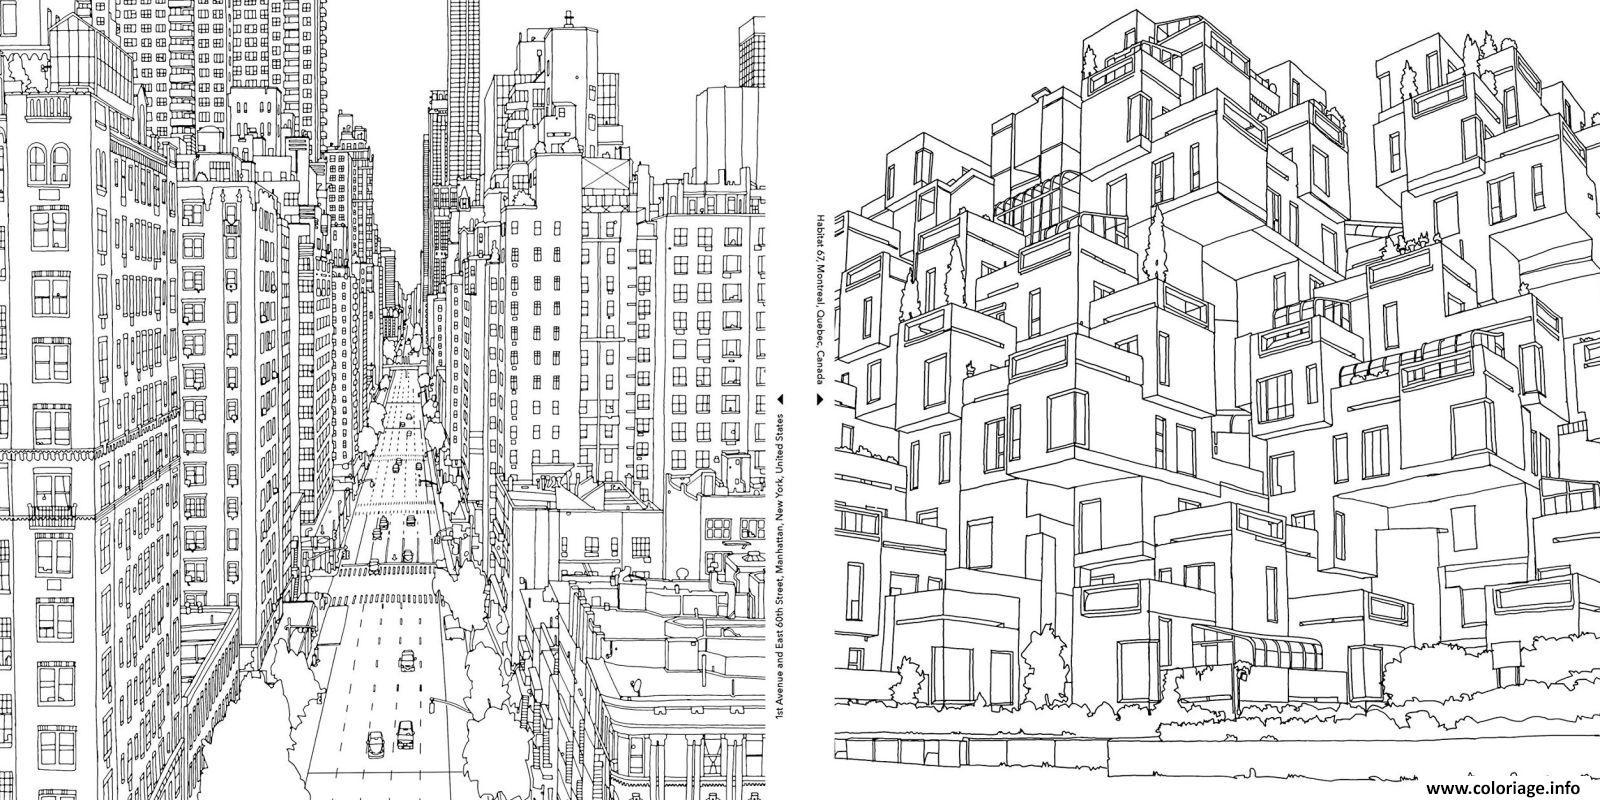 Coloriage Gratuit A Imprimer New York.Coloriage Deux Villes Complexes Et Differentes Jecolorie Com